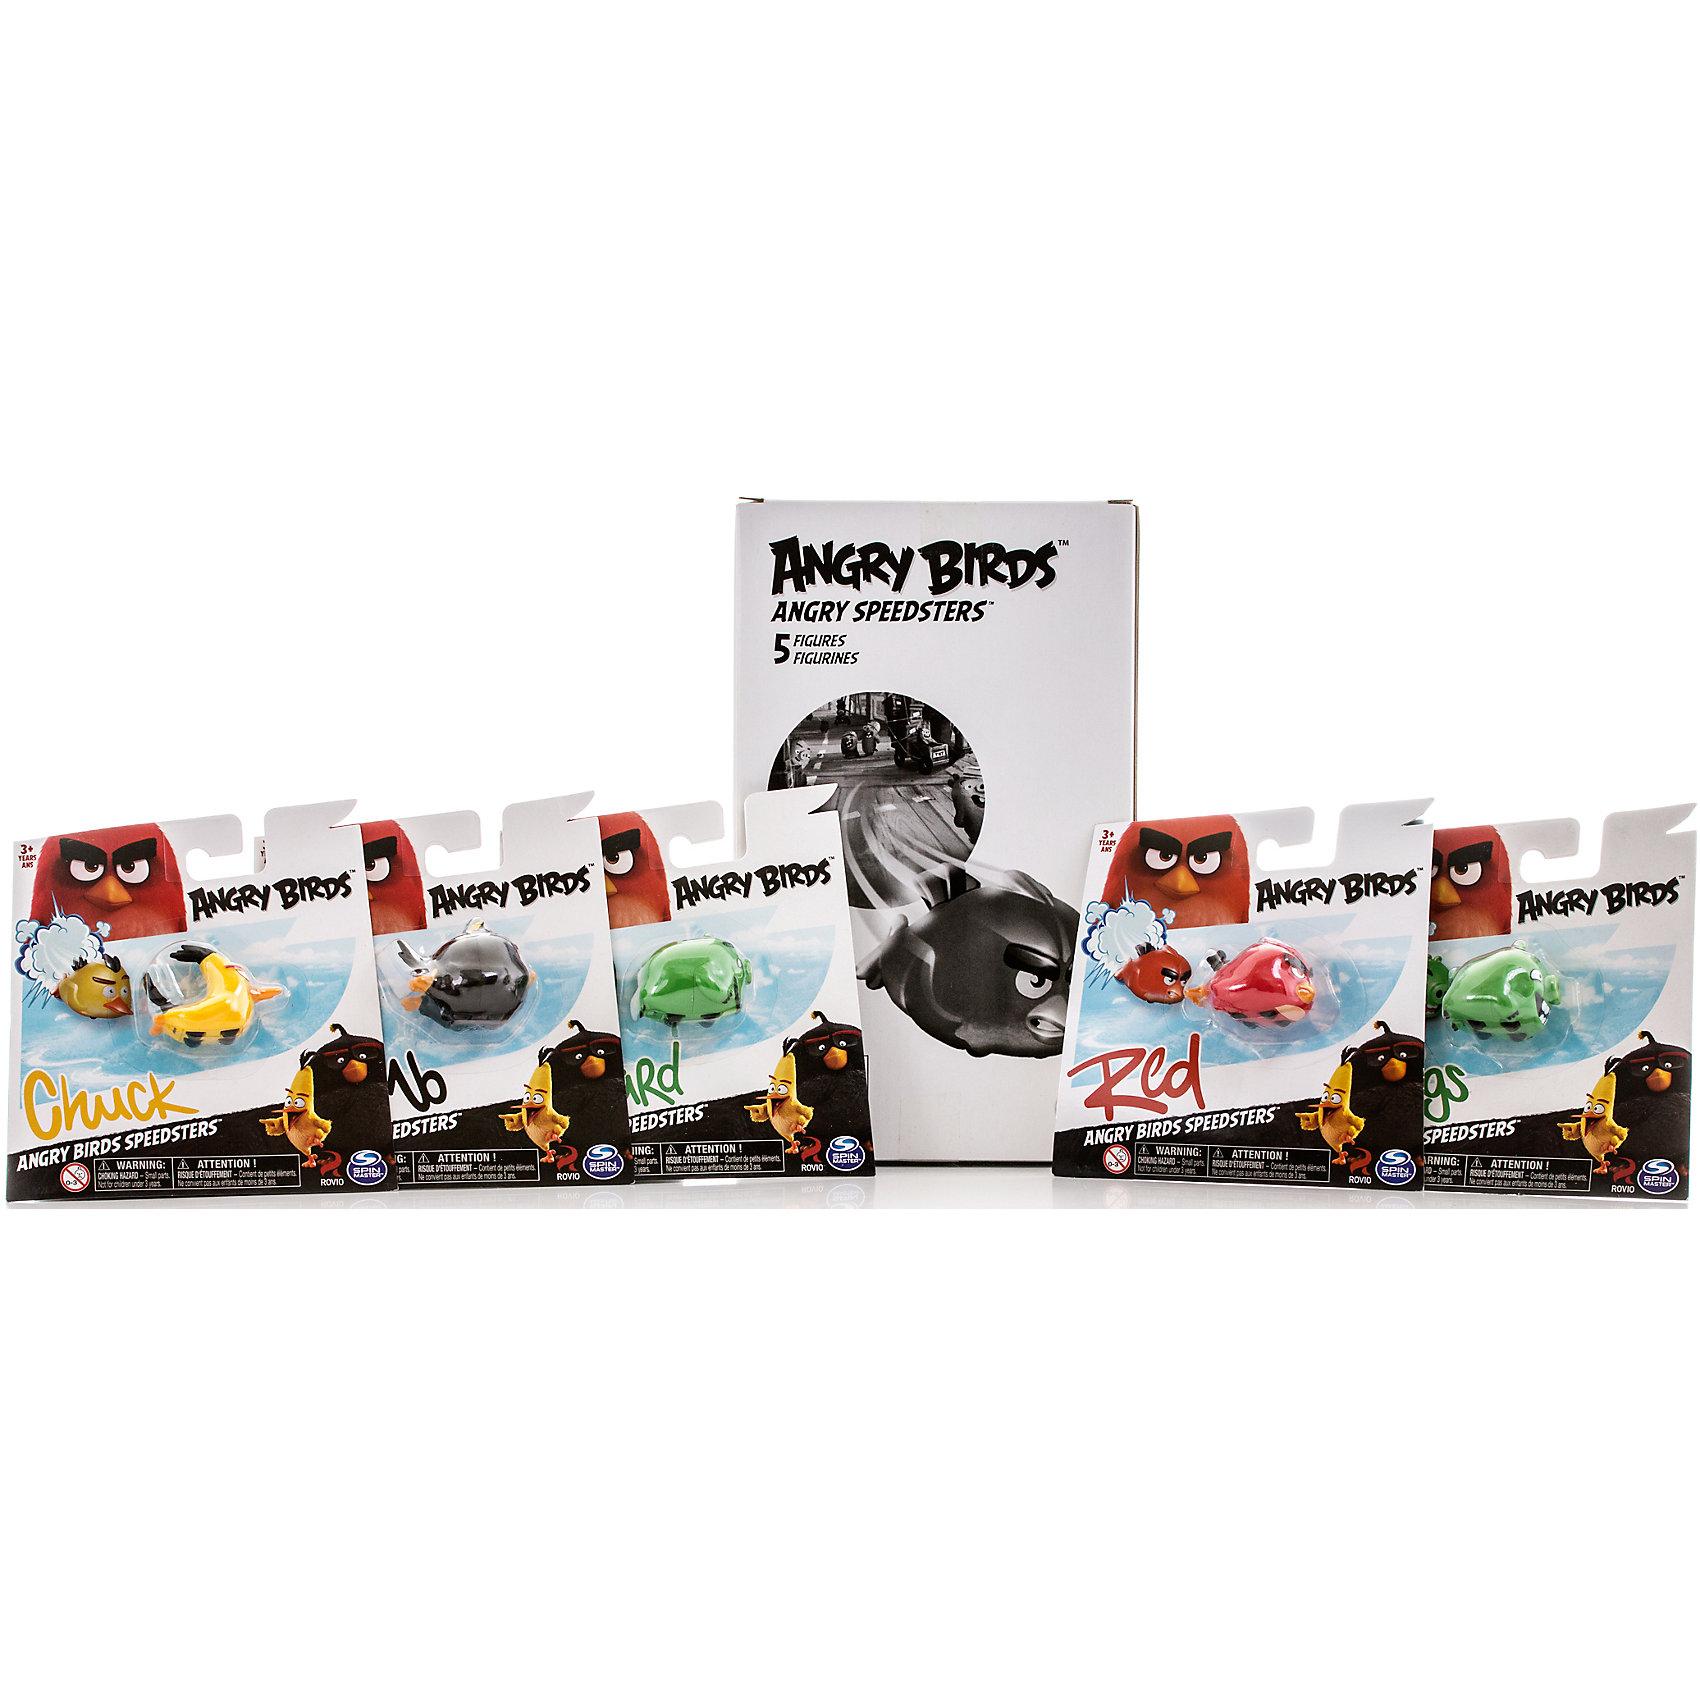 Набор из 5 игрушек на колесах Angry BirdsКоллекционные и игровые фигурки<br>Характеристики игрушки Набор из 5 птичек на колесах:<br><br>- возраст: от 3 лет<br>- герой: Angry Birds<br>- пол: для мальчиков и девочек<br>- комплект: 1 набор.<br>- материал: пластик, металл.<br>- размер упаковки: 17* 22 * 5 см.<br>- упаковка: картонная коробка.<br>- упаковка отдельной игрушки: блистер на картоне.<br>- длина игрушки: 6 см.<br>- страна обладатель бренда: Канада.<br><br>Набор из 5 игрушек на колесах Angry Birds предназначен для маленьких любителей игры про сердитых птичек. В наборе собраны 5 разных персонажей Энгри Бердс с каждой противоборствующей стороны, то есть птичек и свинок.<br><br>Внешний вид игрушки точно передает образ своего виртуального персонажа. Для более интересной игры, внизу сделаны колесики. Благодаря им можно разыгрывать сценки из мультика и бомбить соперника. Машинка сделана из ударопрочного пластика, который с легкостью выдержит столкновение.<br><br>Игрушку Набор из 5 птичек на колесах можно купить в нашем интернет-магазине.<br><br>Ширина мм: 160<br>Глубина мм: 270<br>Высота мм: 100<br>Вес г: 325<br>Возраст от месяцев: 36<br>Возраст до месяцев: 192<br>Пол: Унисекс<br>Возраст: Детский<br>SKU: 4663717